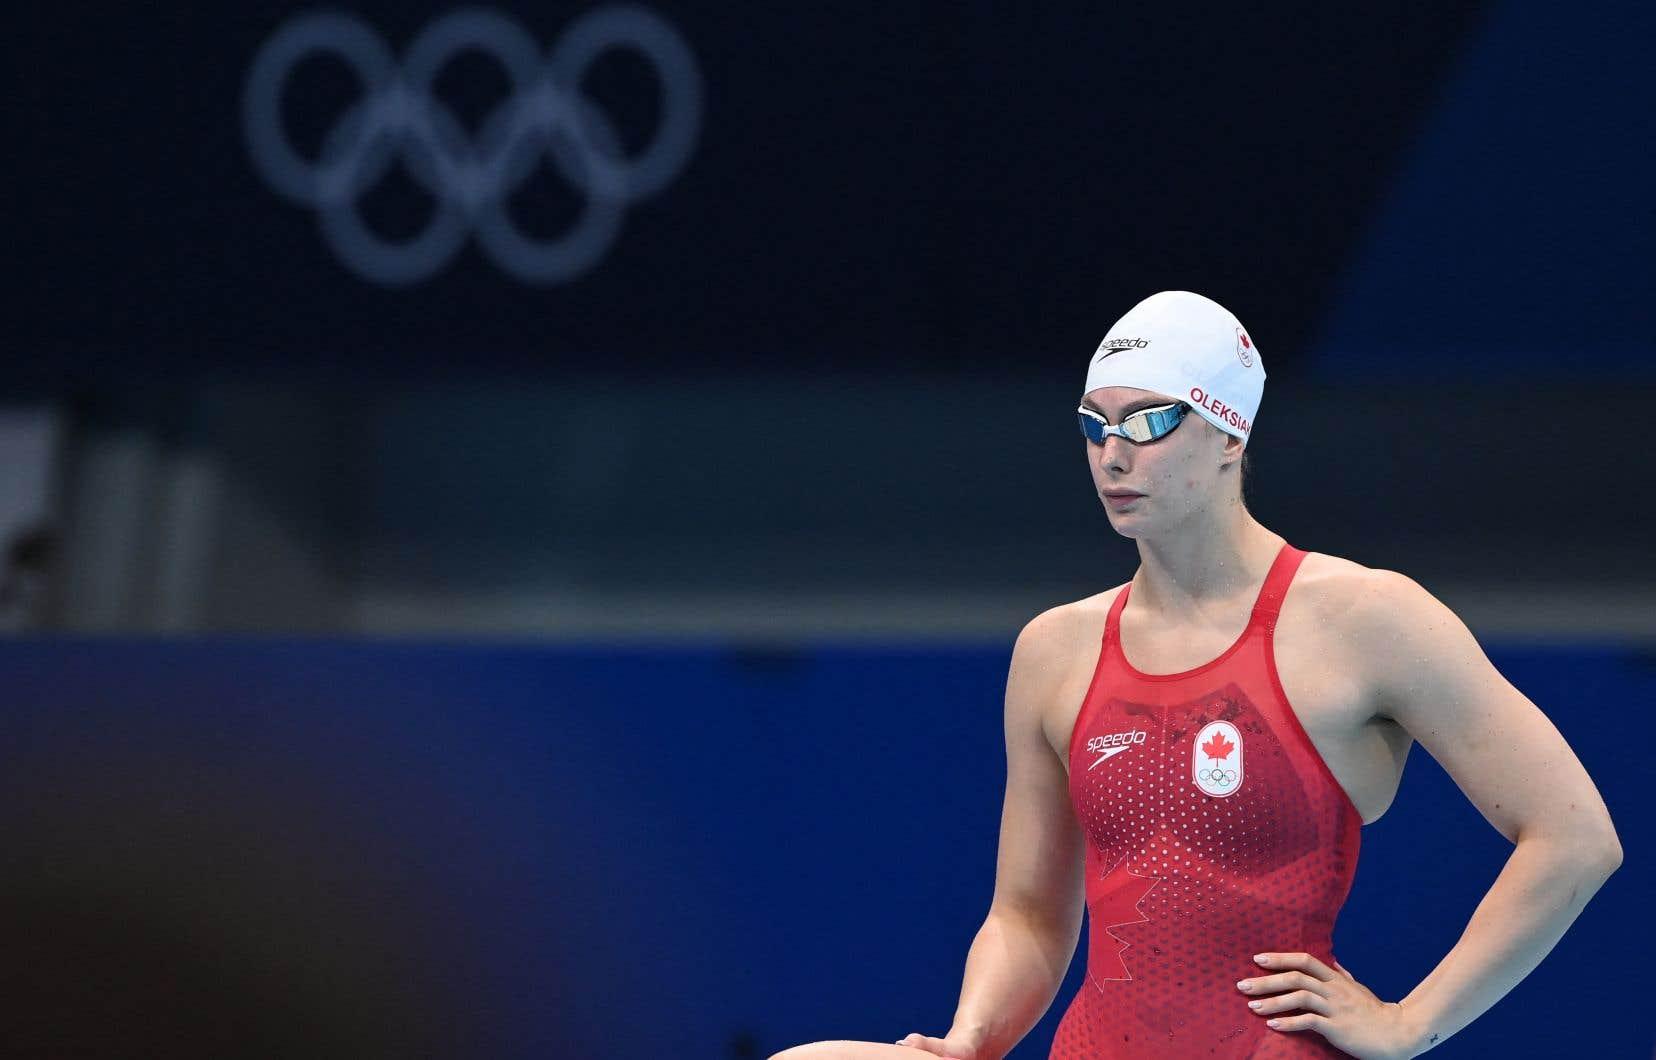 La nageuse Penny Oleksiak fait l'histoire